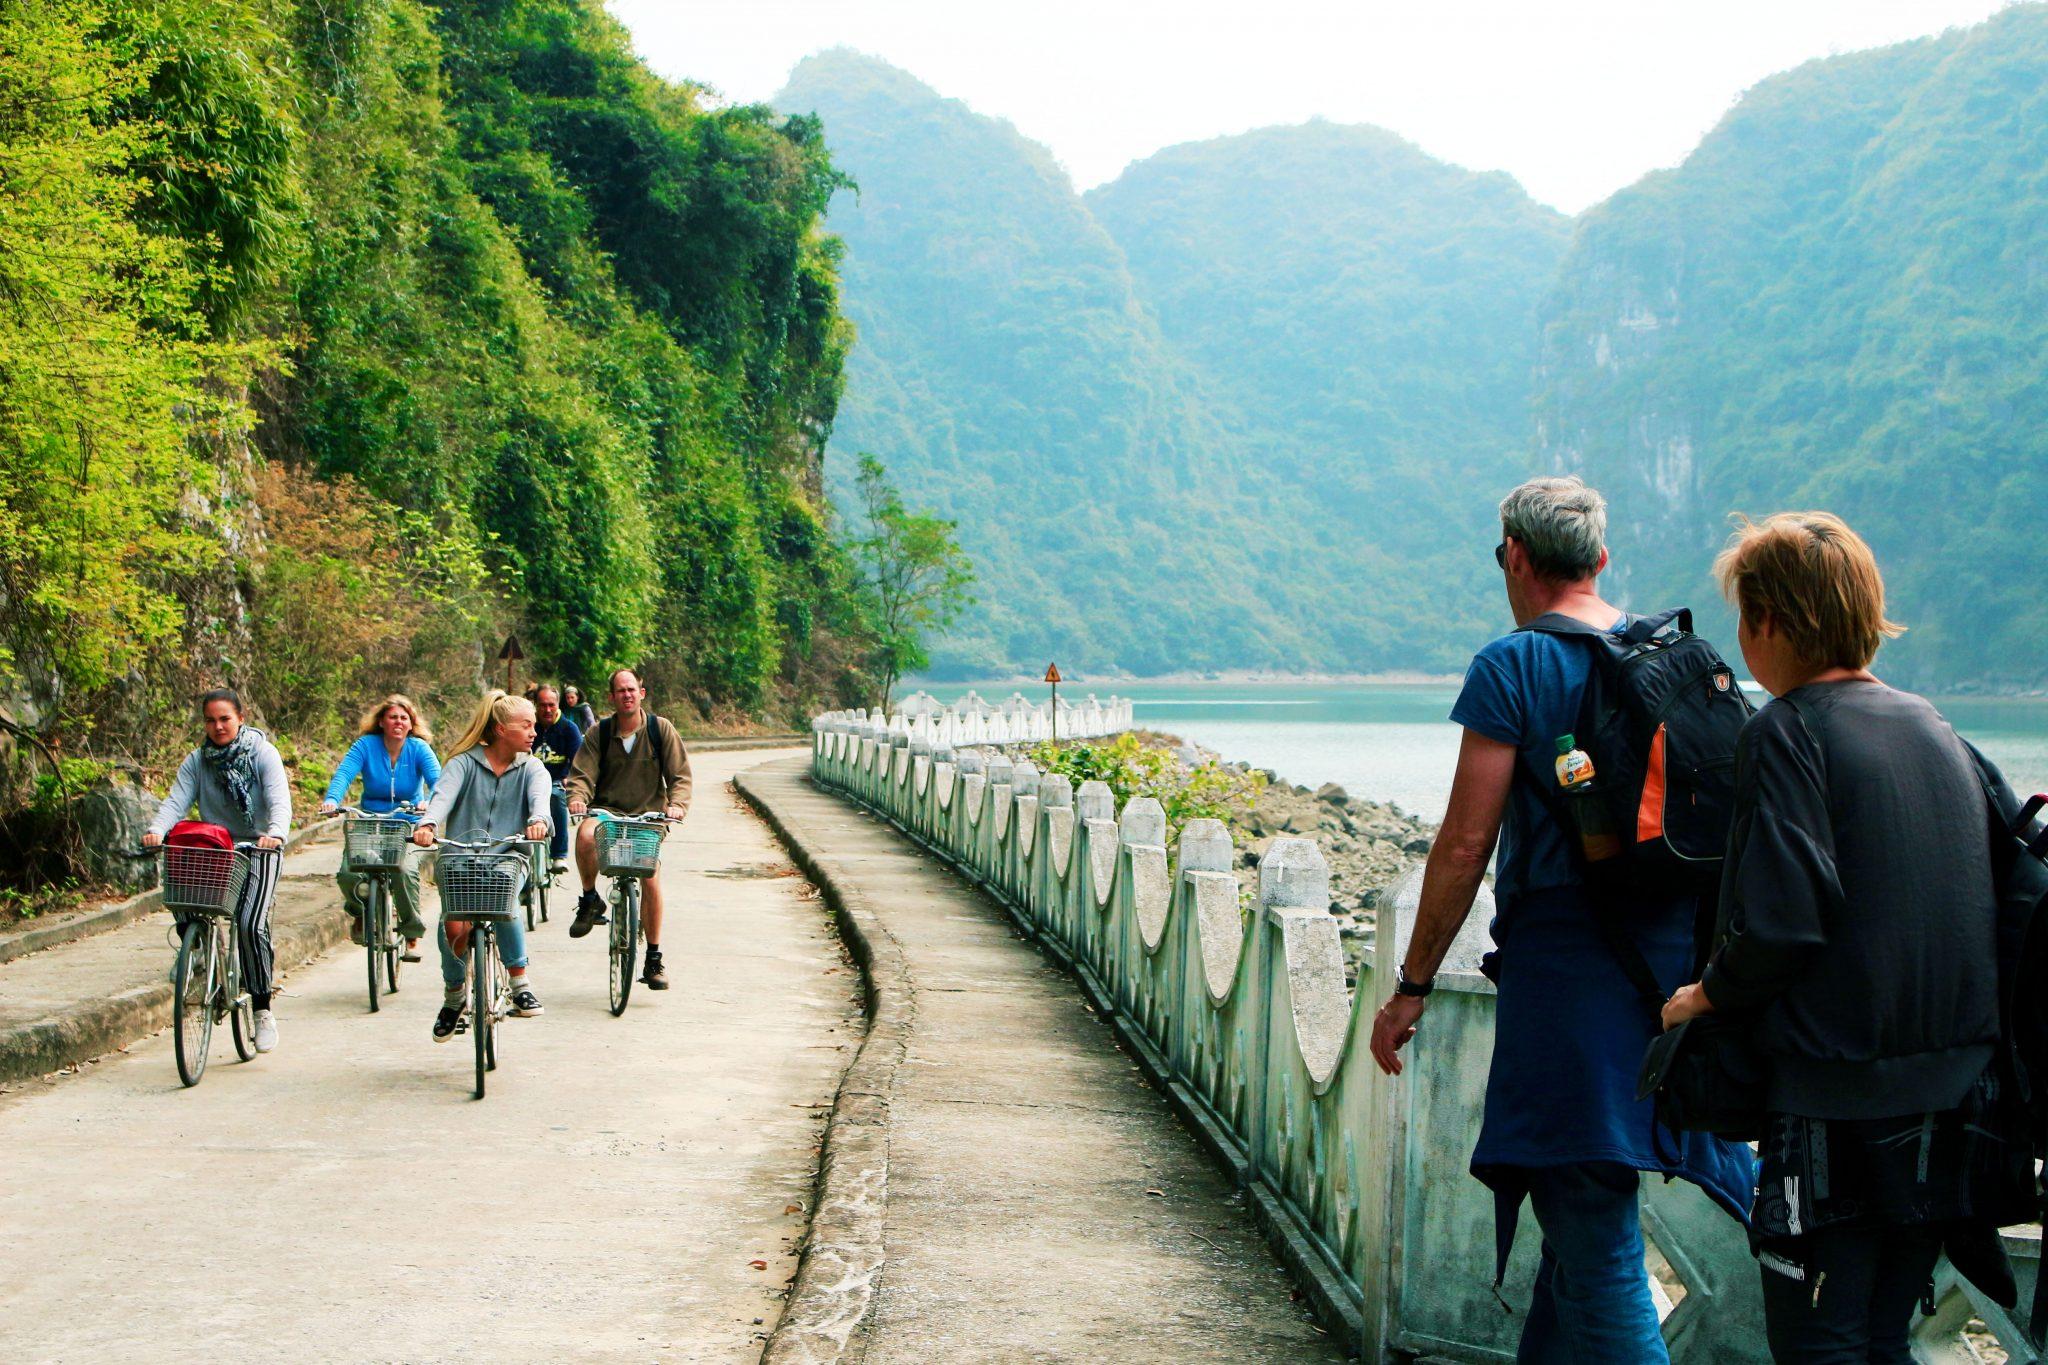 Phượt đảo Cát Bà đi dạo ở làng Việt Hải-Recovered